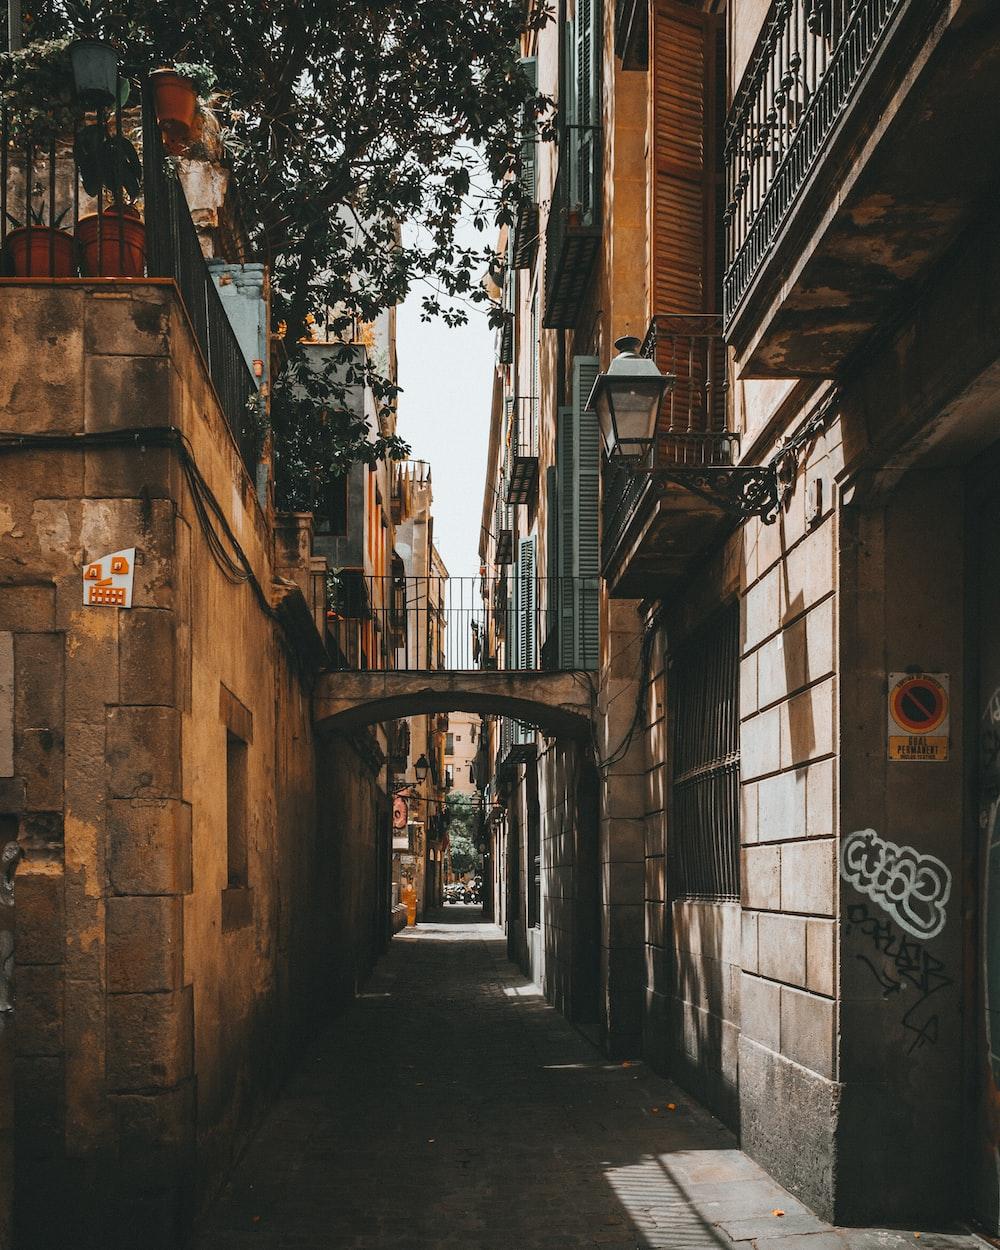 empty road between concrete buildings